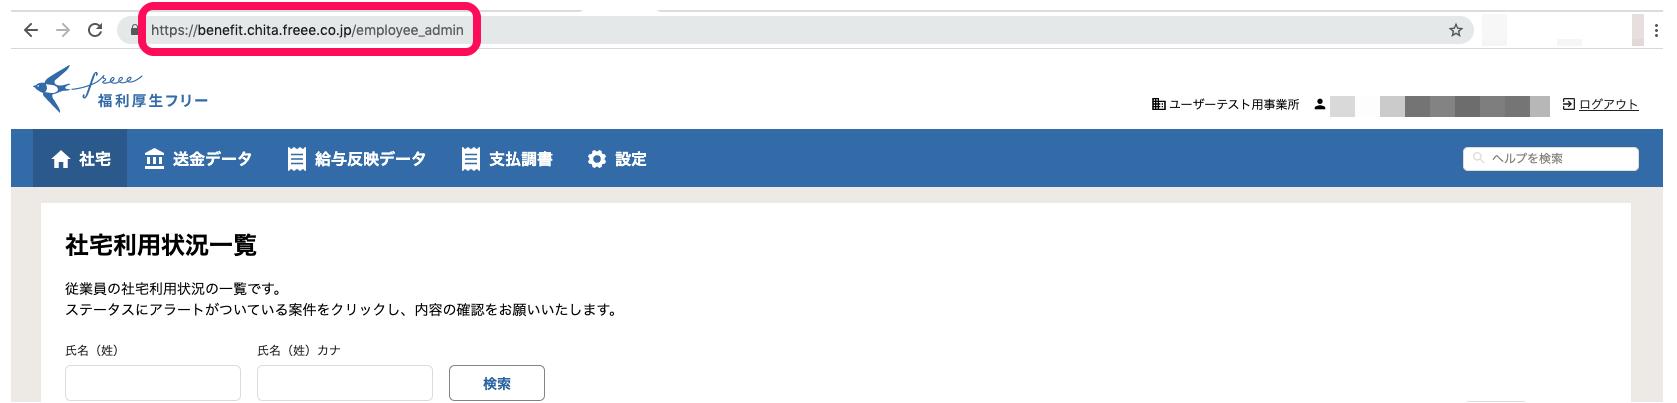 管理者としてログインした場合のURL を指し示しているスクリーンショット